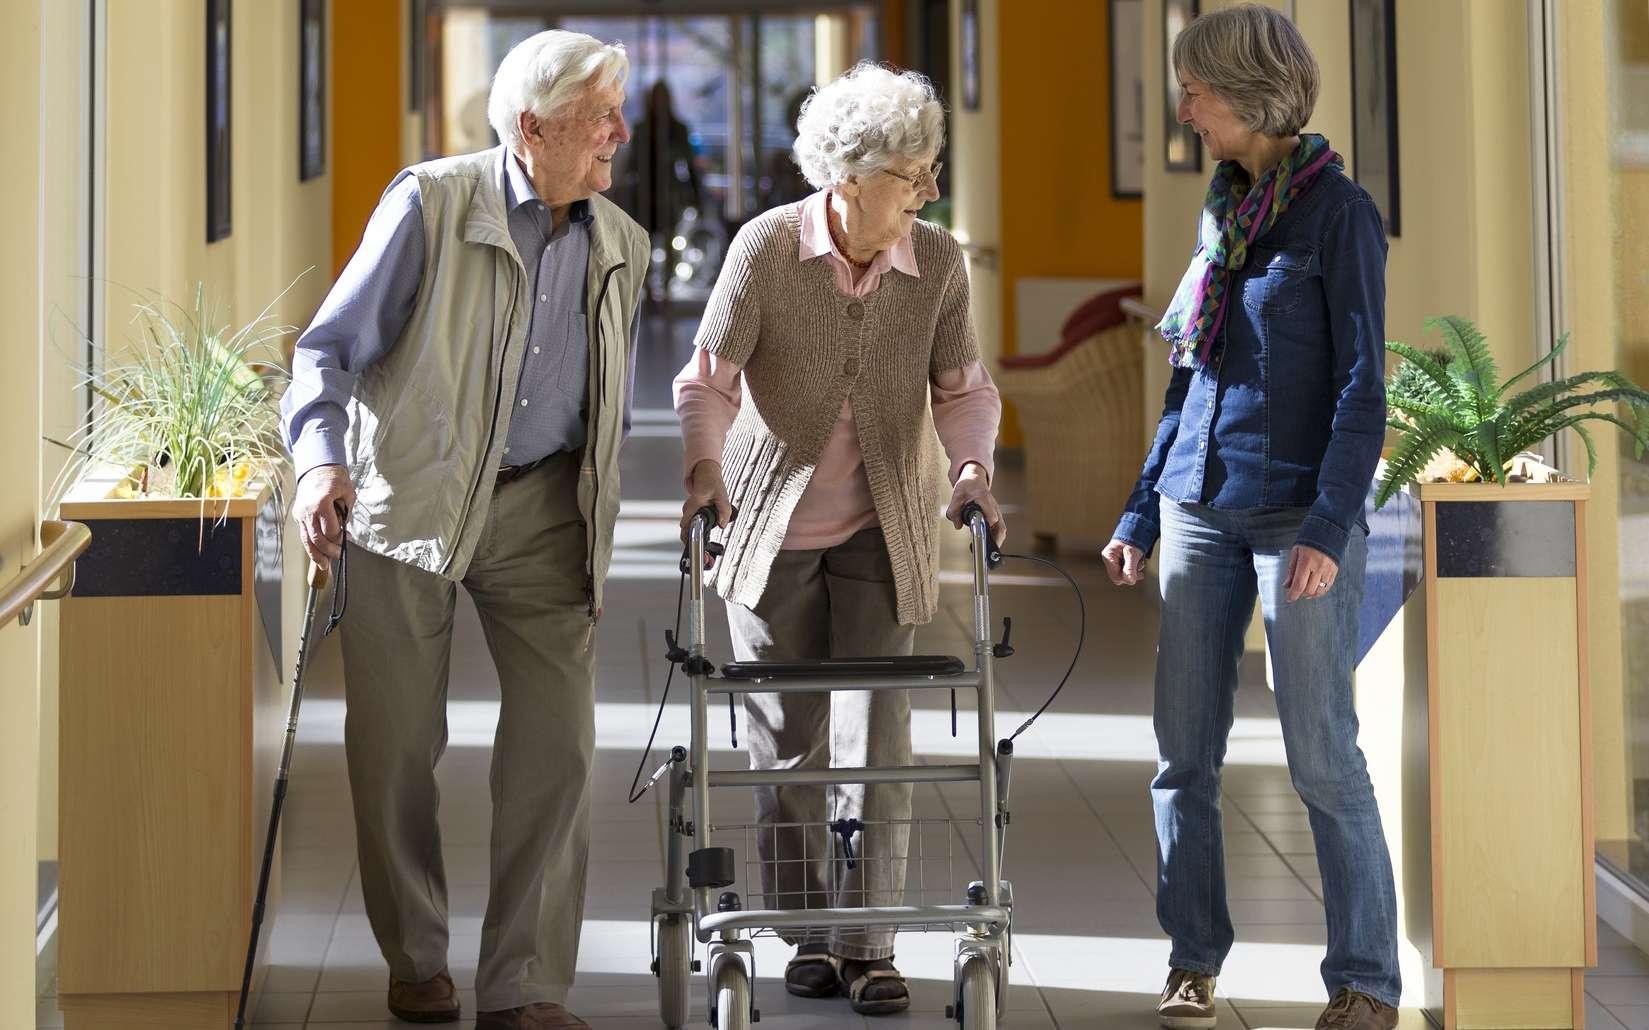 Le choix d'une maison de retraite ou d'une résidence senior dépend de l'autonomie de la personne âgée. © lettas, Fotolia